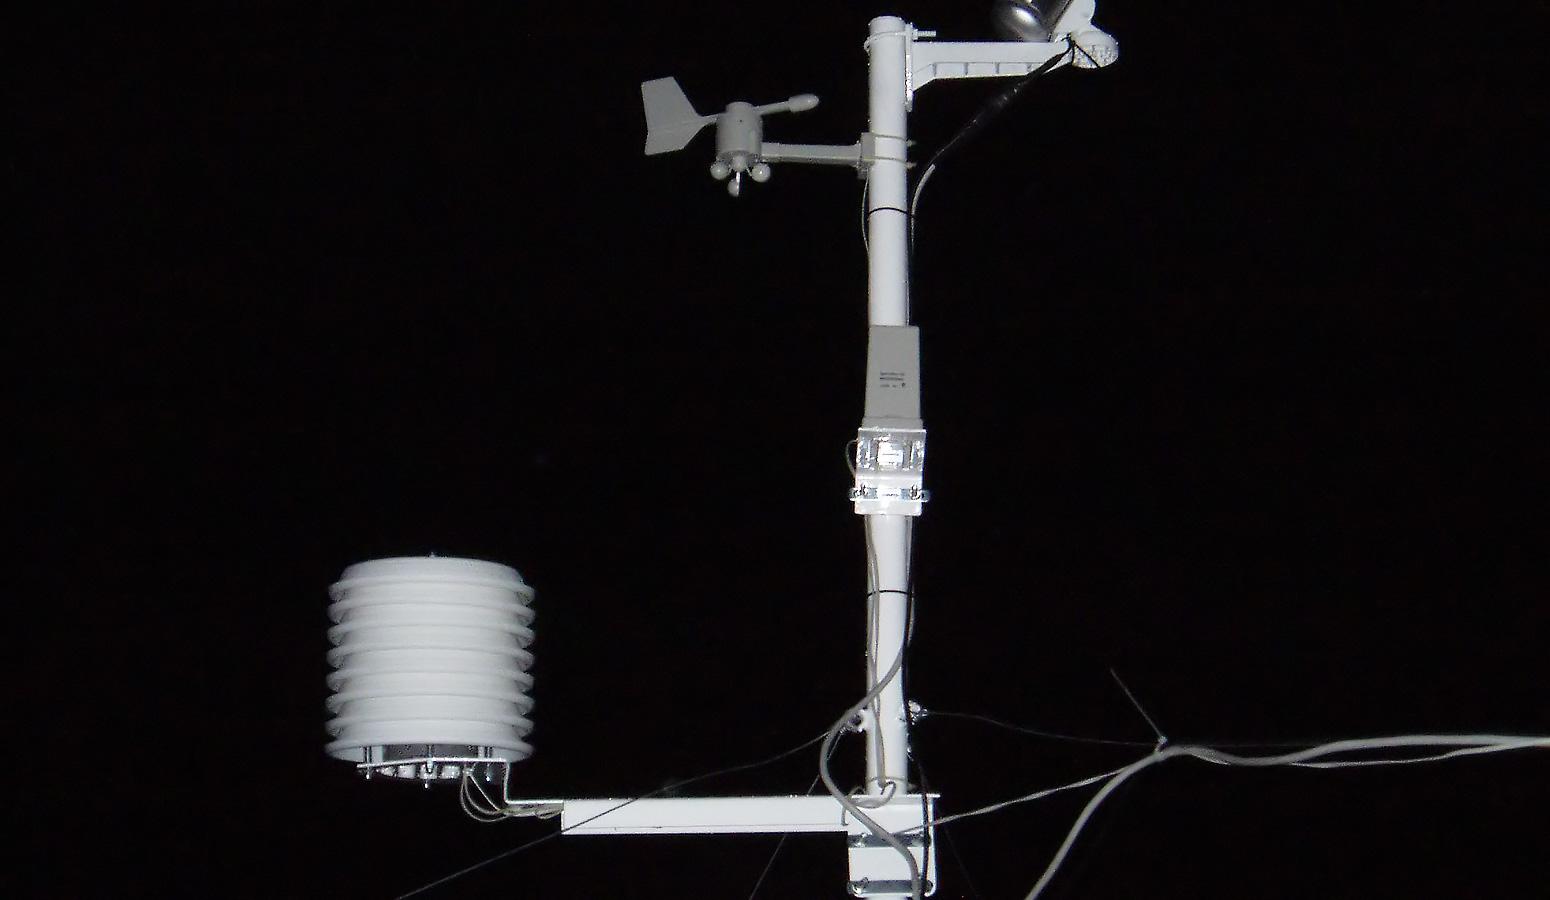 Automatska meteorološka postaja